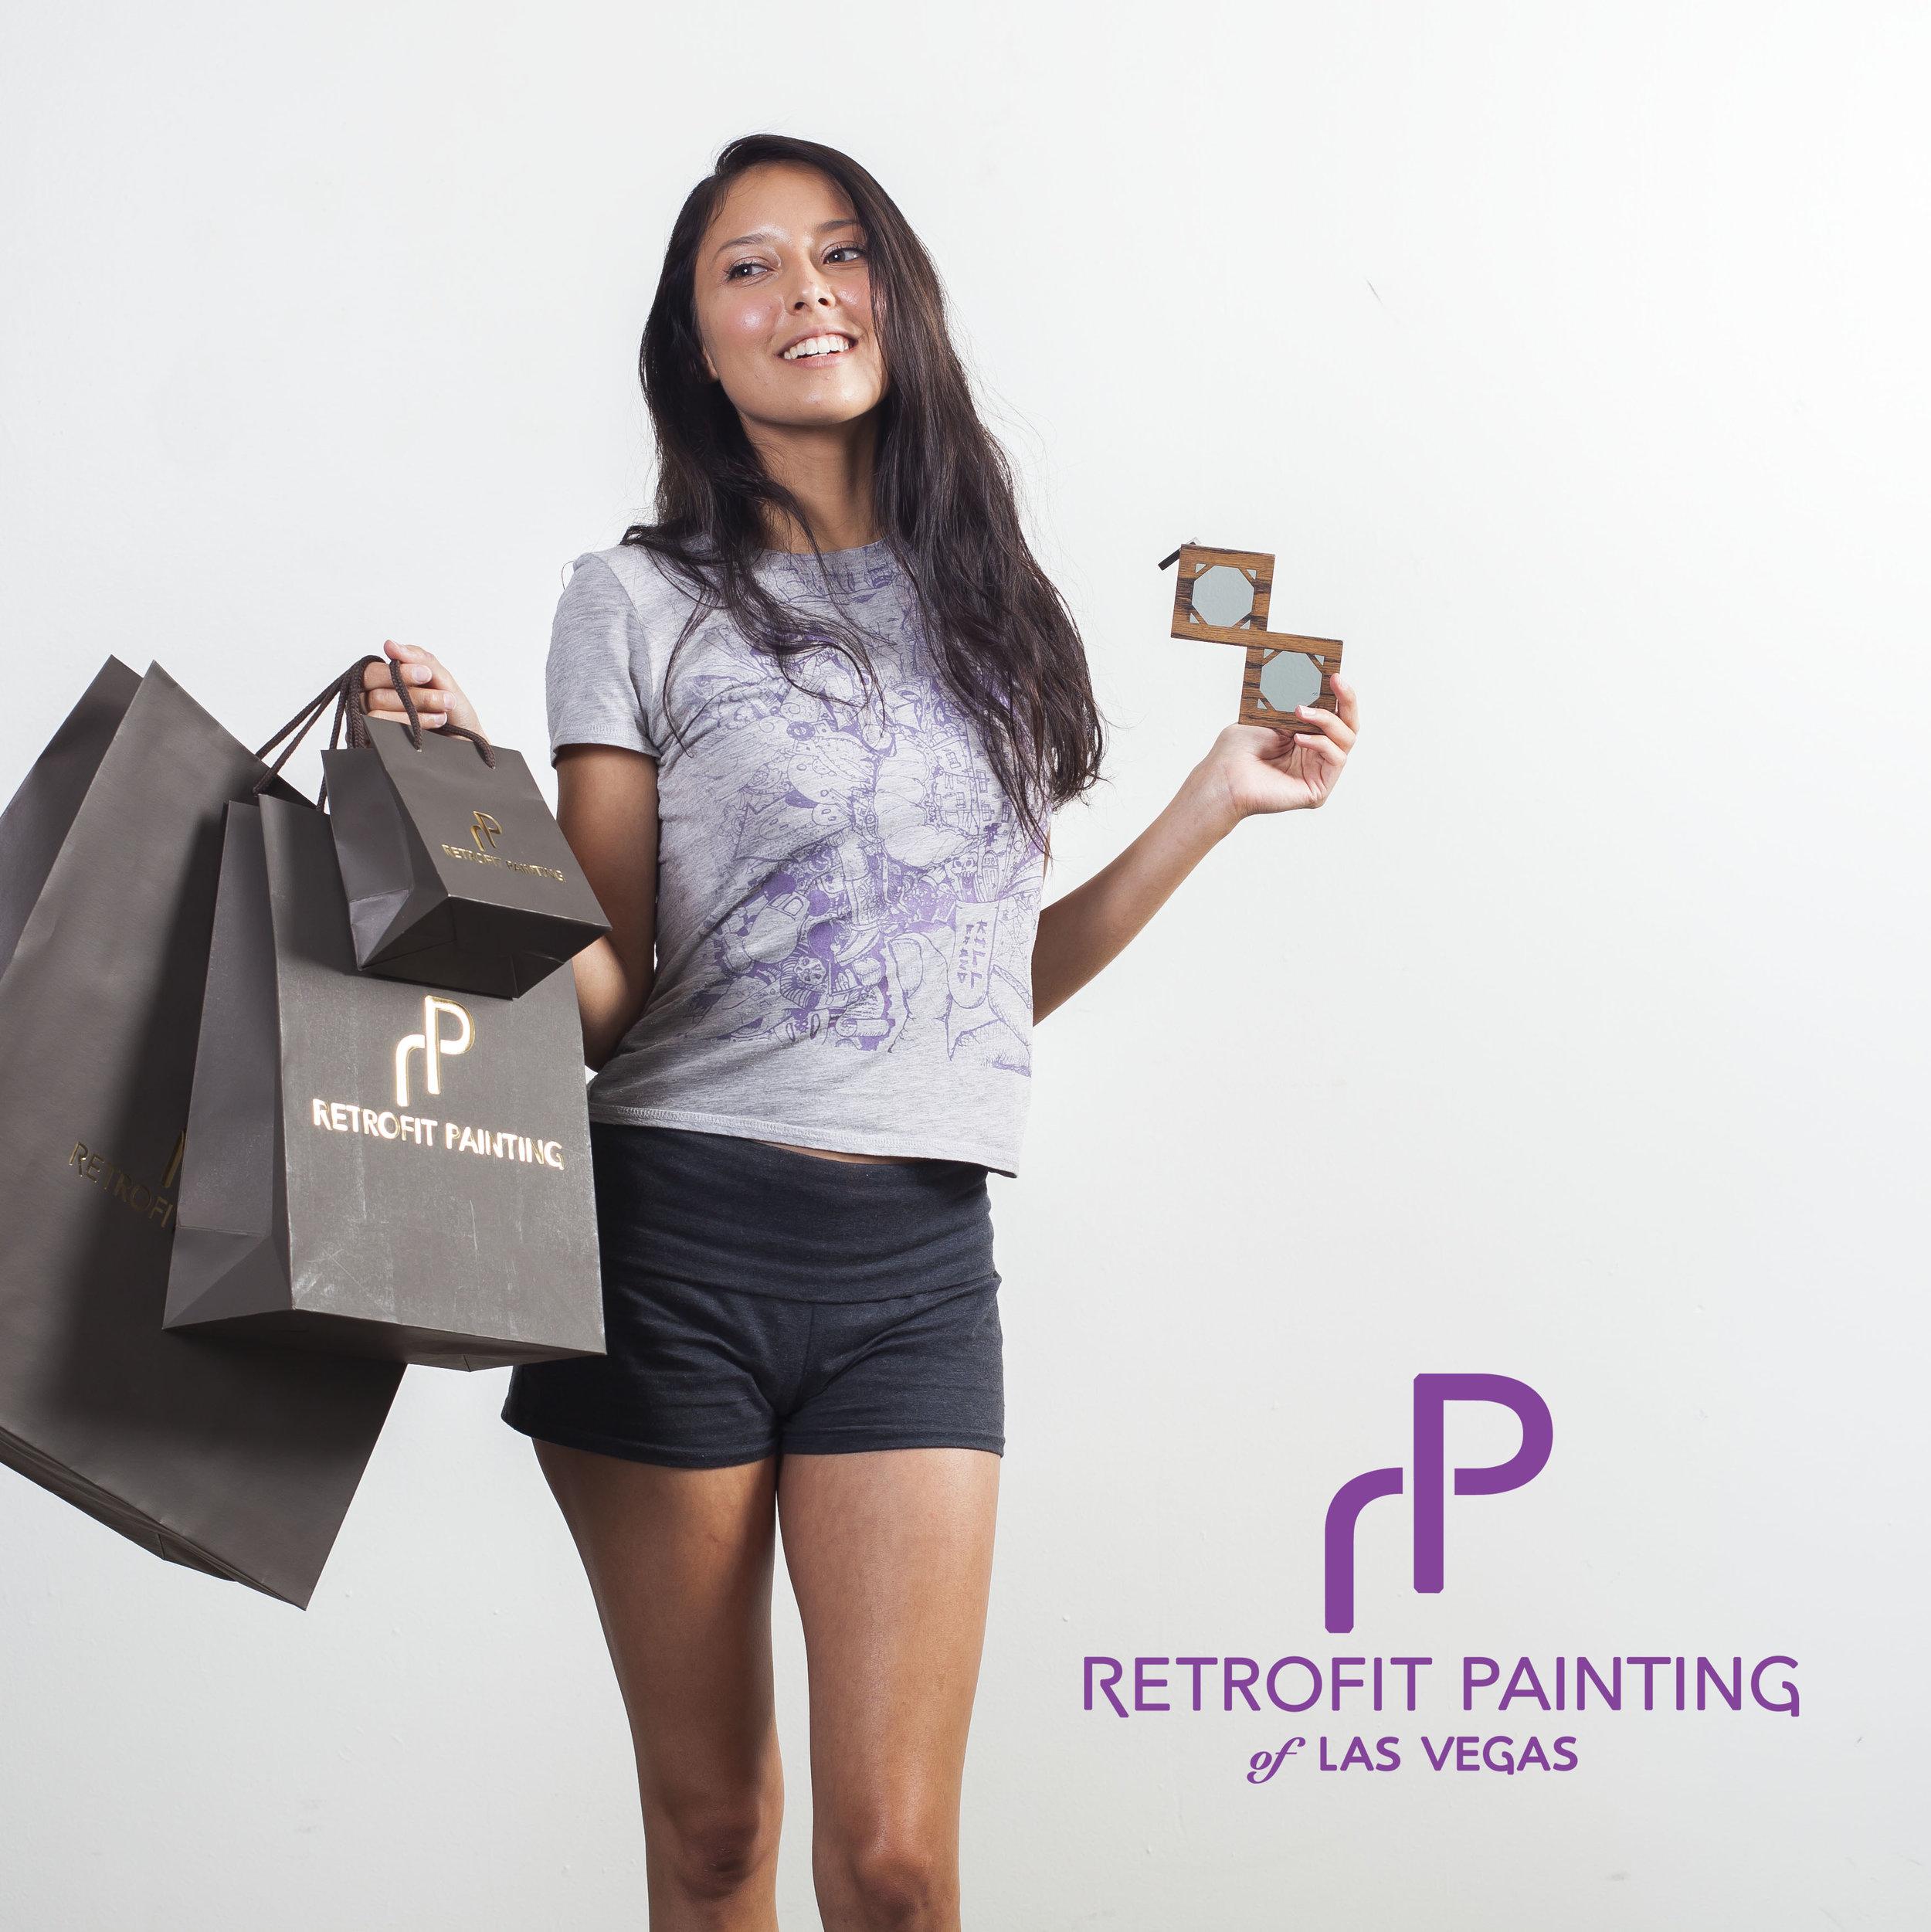 Thomas_Willis_Retrofit_Painting_0027.jpg